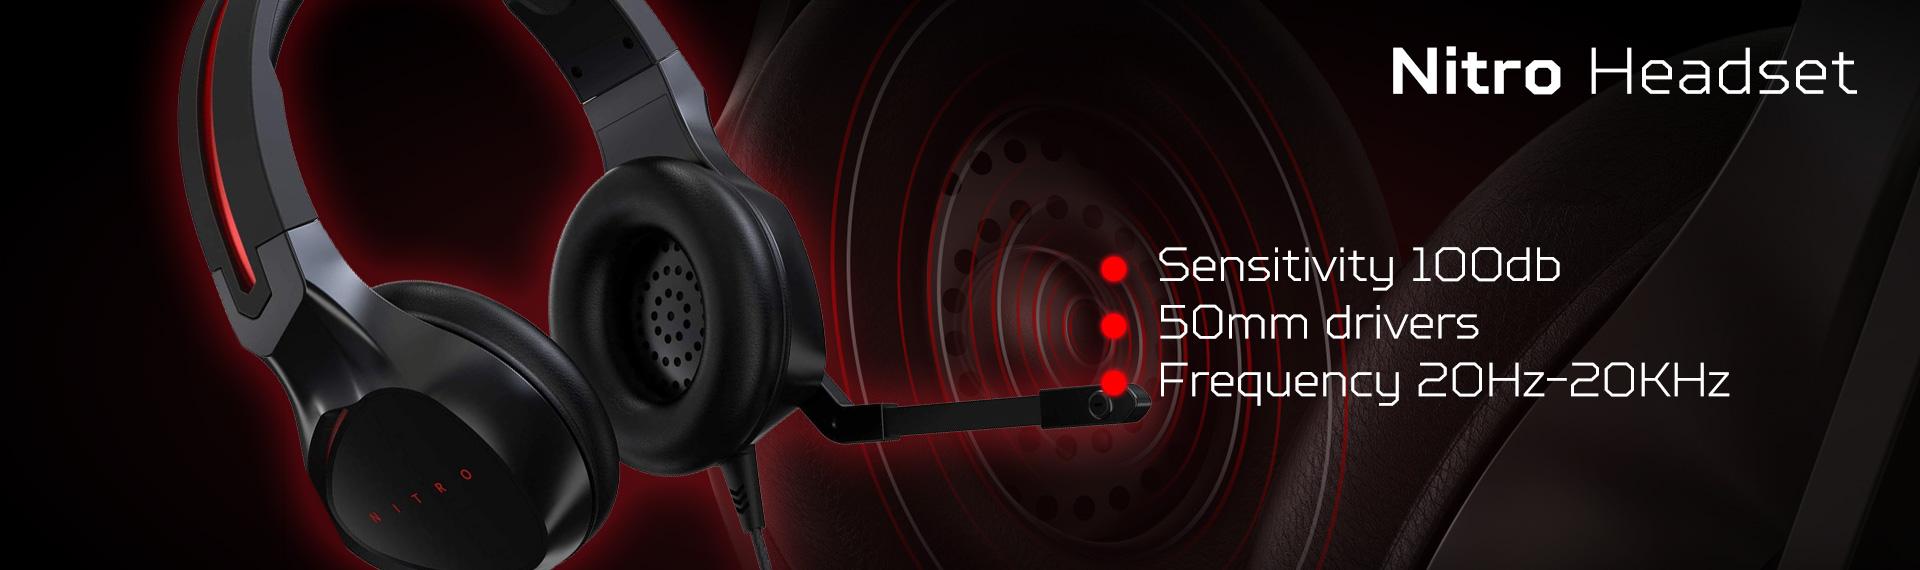 Headset Nitro yang Mampu Memberikan Suara Detail Maksimal